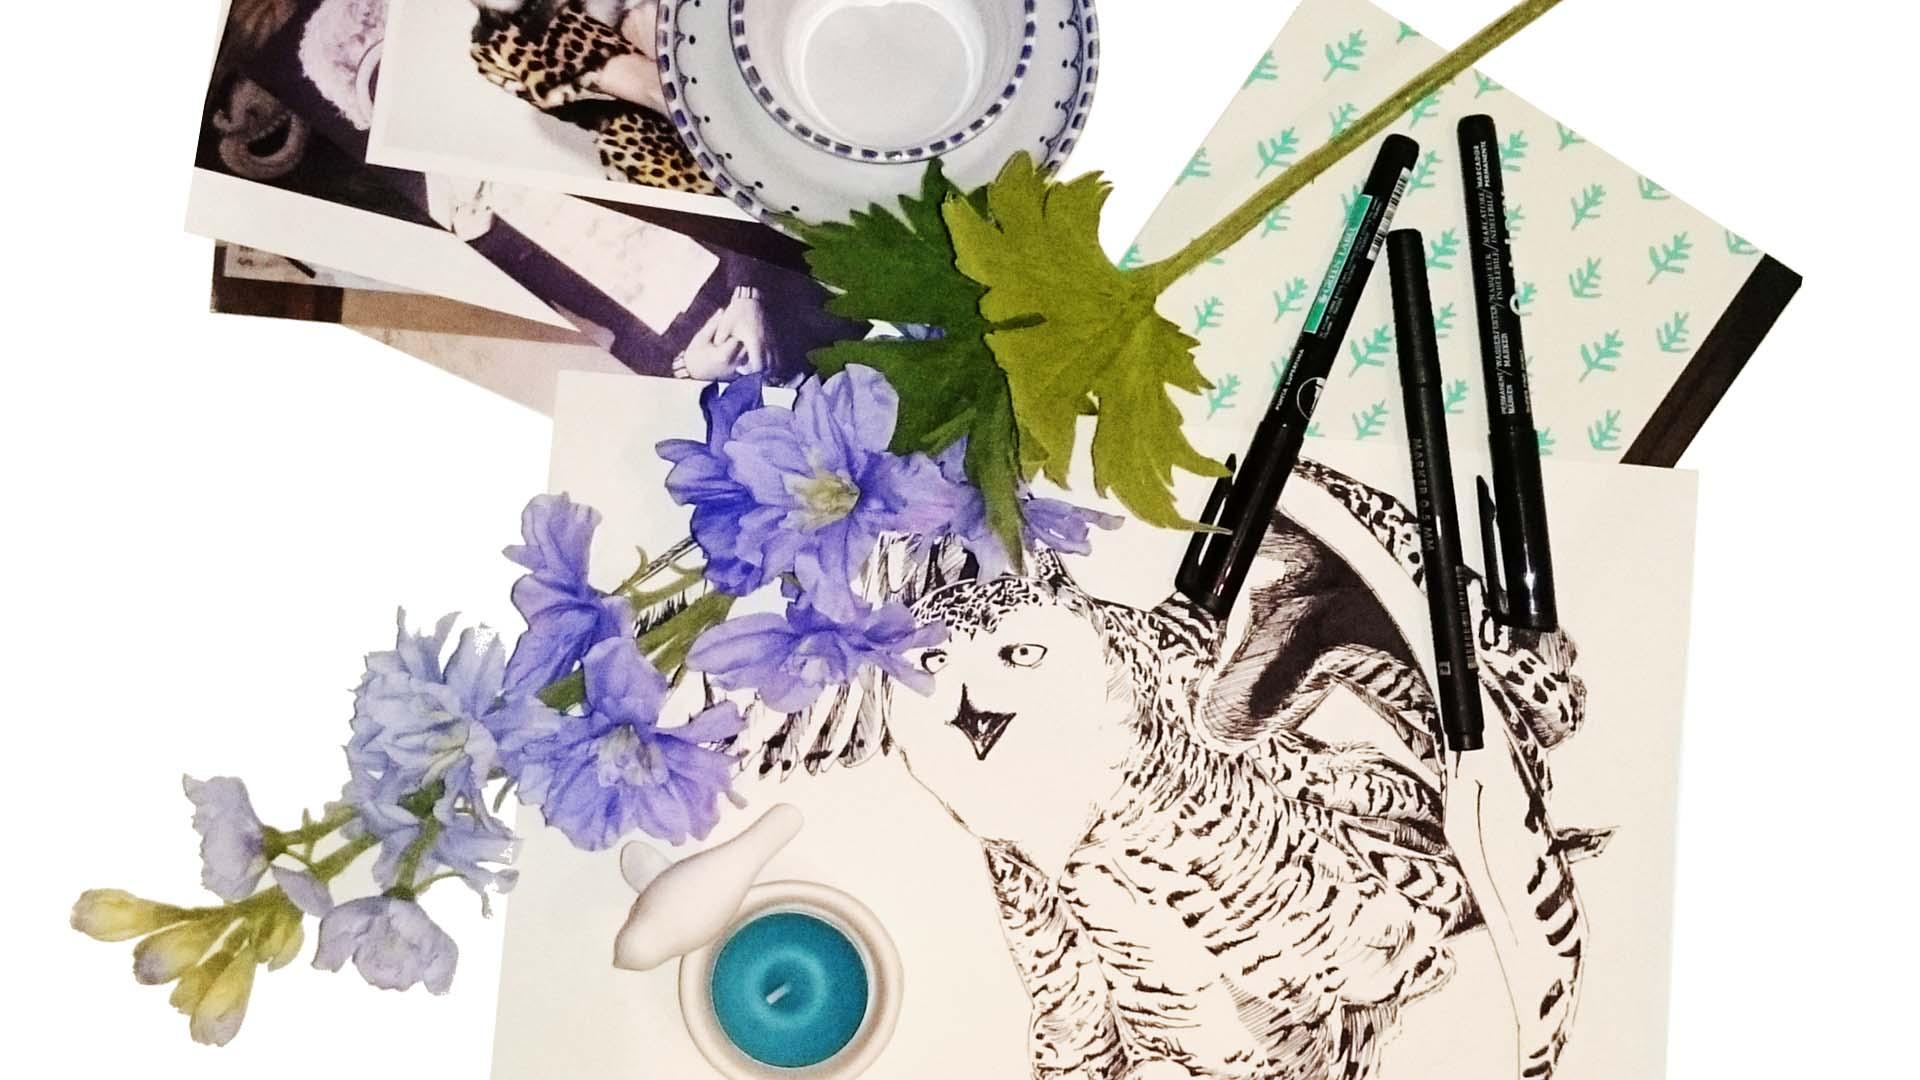 Ruiten Boerin raamillustraties front page header image